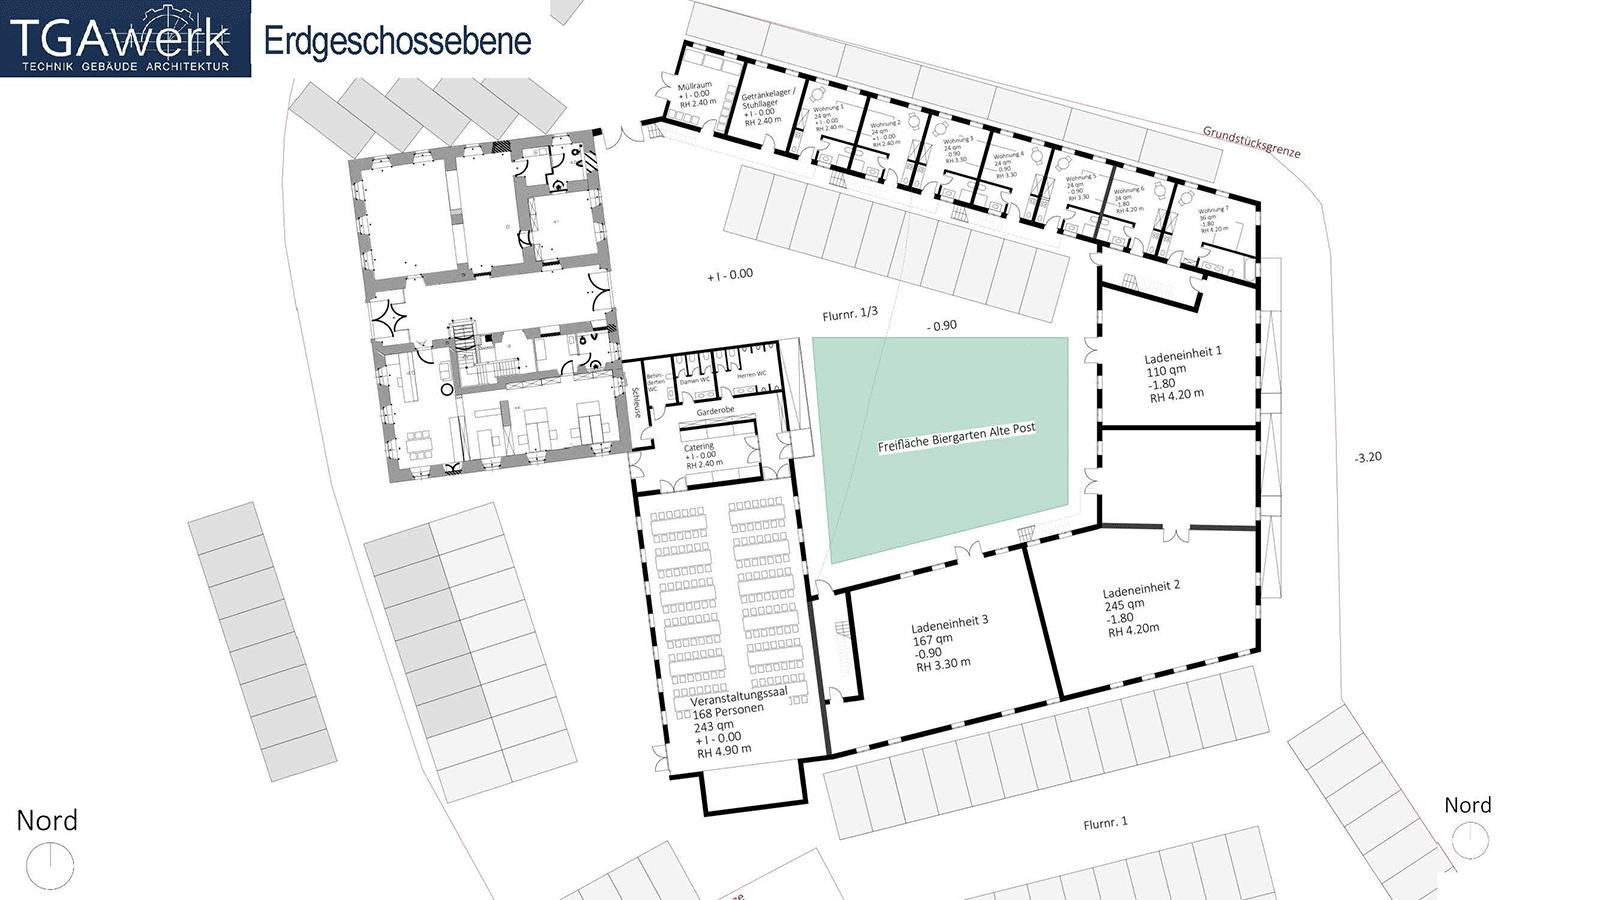 Viersheithof Erdgeschoss